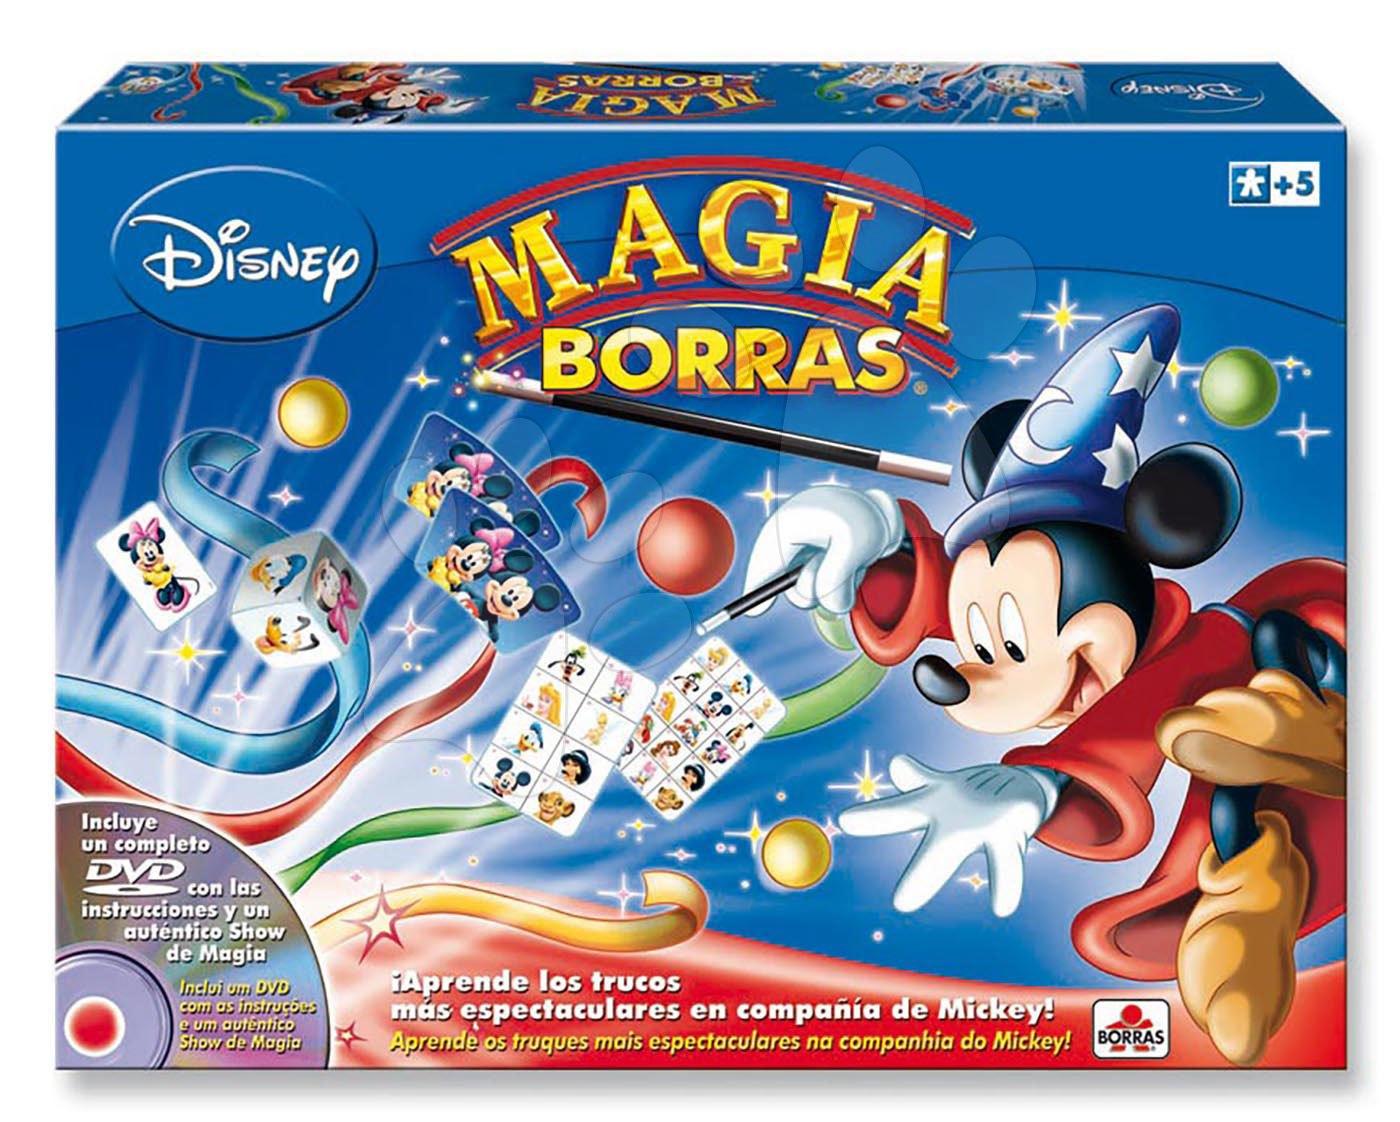 Bűvészmutatványok Mickey Mouse Disney Magia Borras Educa magyarázó DVD-vel spanyol nyelvű 5 évtől